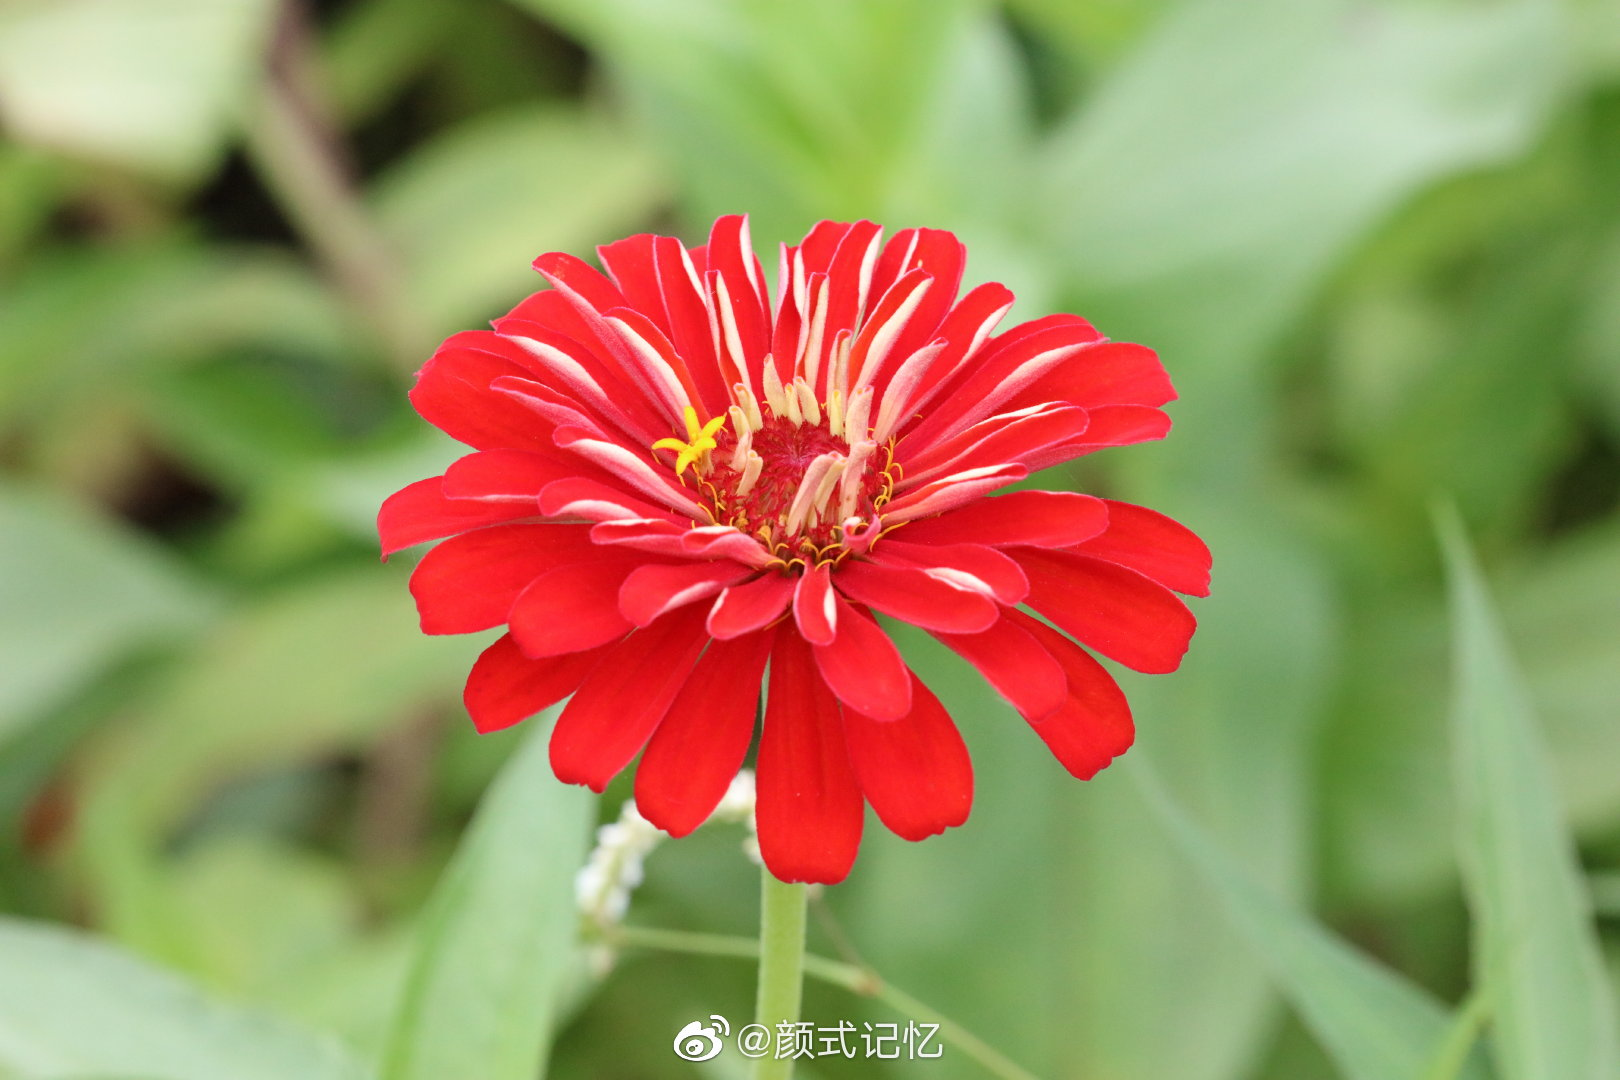 持续的爱一一百日菊。游新会大鳌镇荷塘旁花地拍摄。